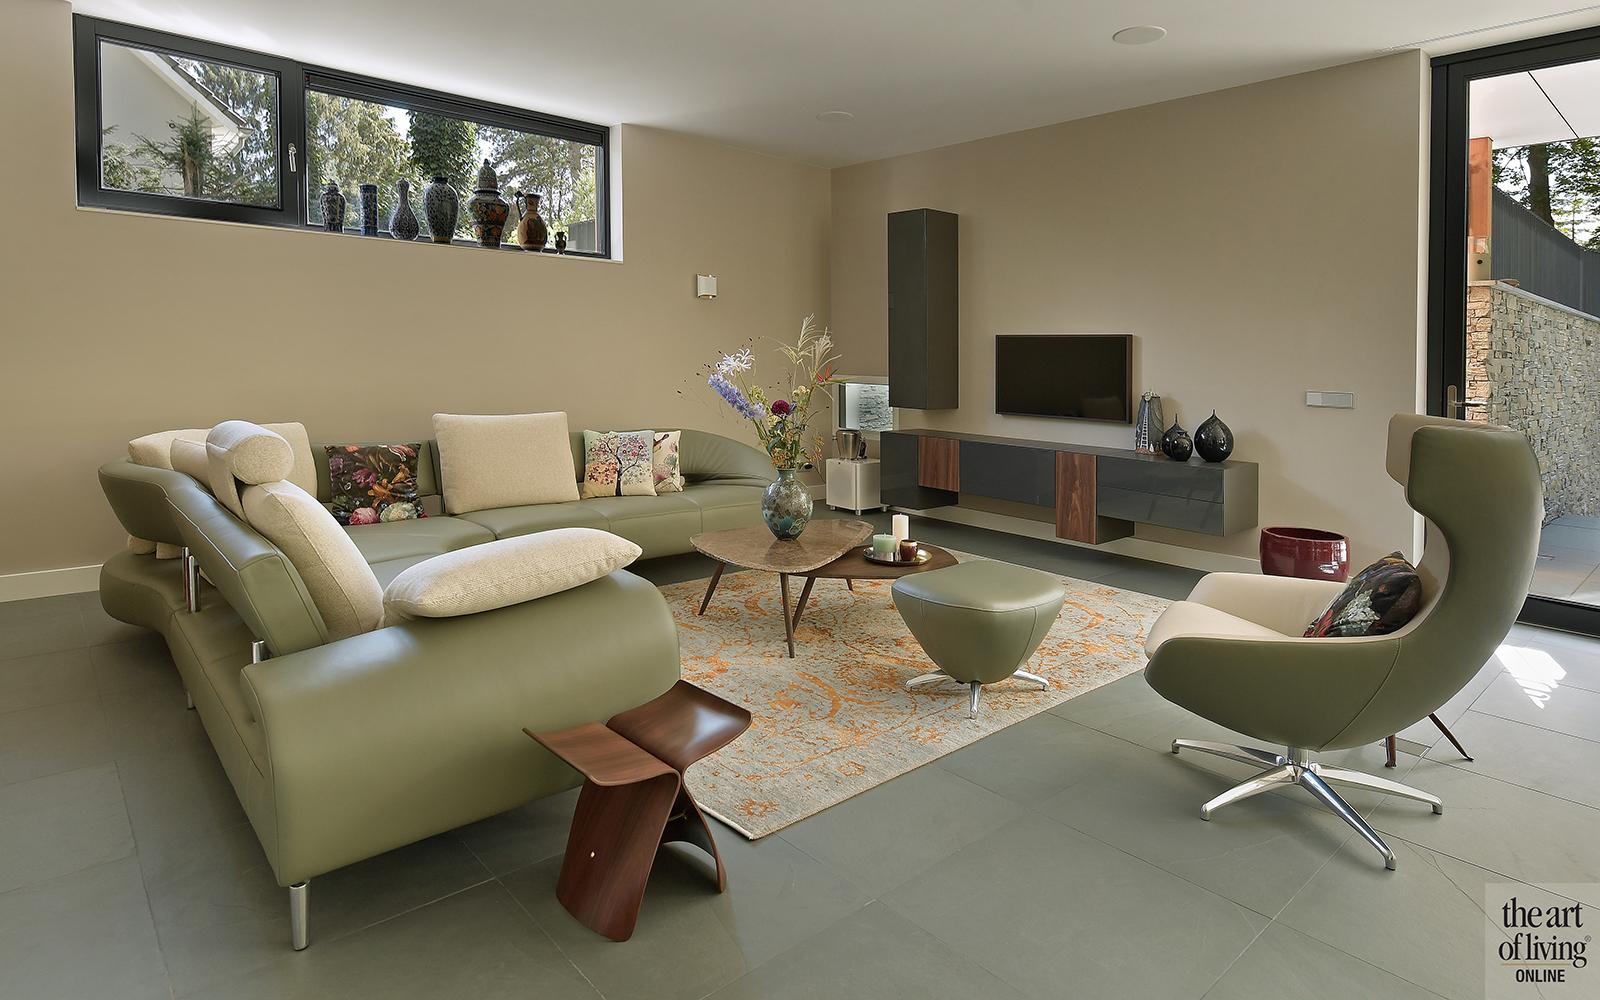 Nieuwbouw villa, Strategie Architecten, Woonkamer, Design meubels, Interieur design, Gezellig interieur, leistenen vloer, interieur op maat, buro bogaarts